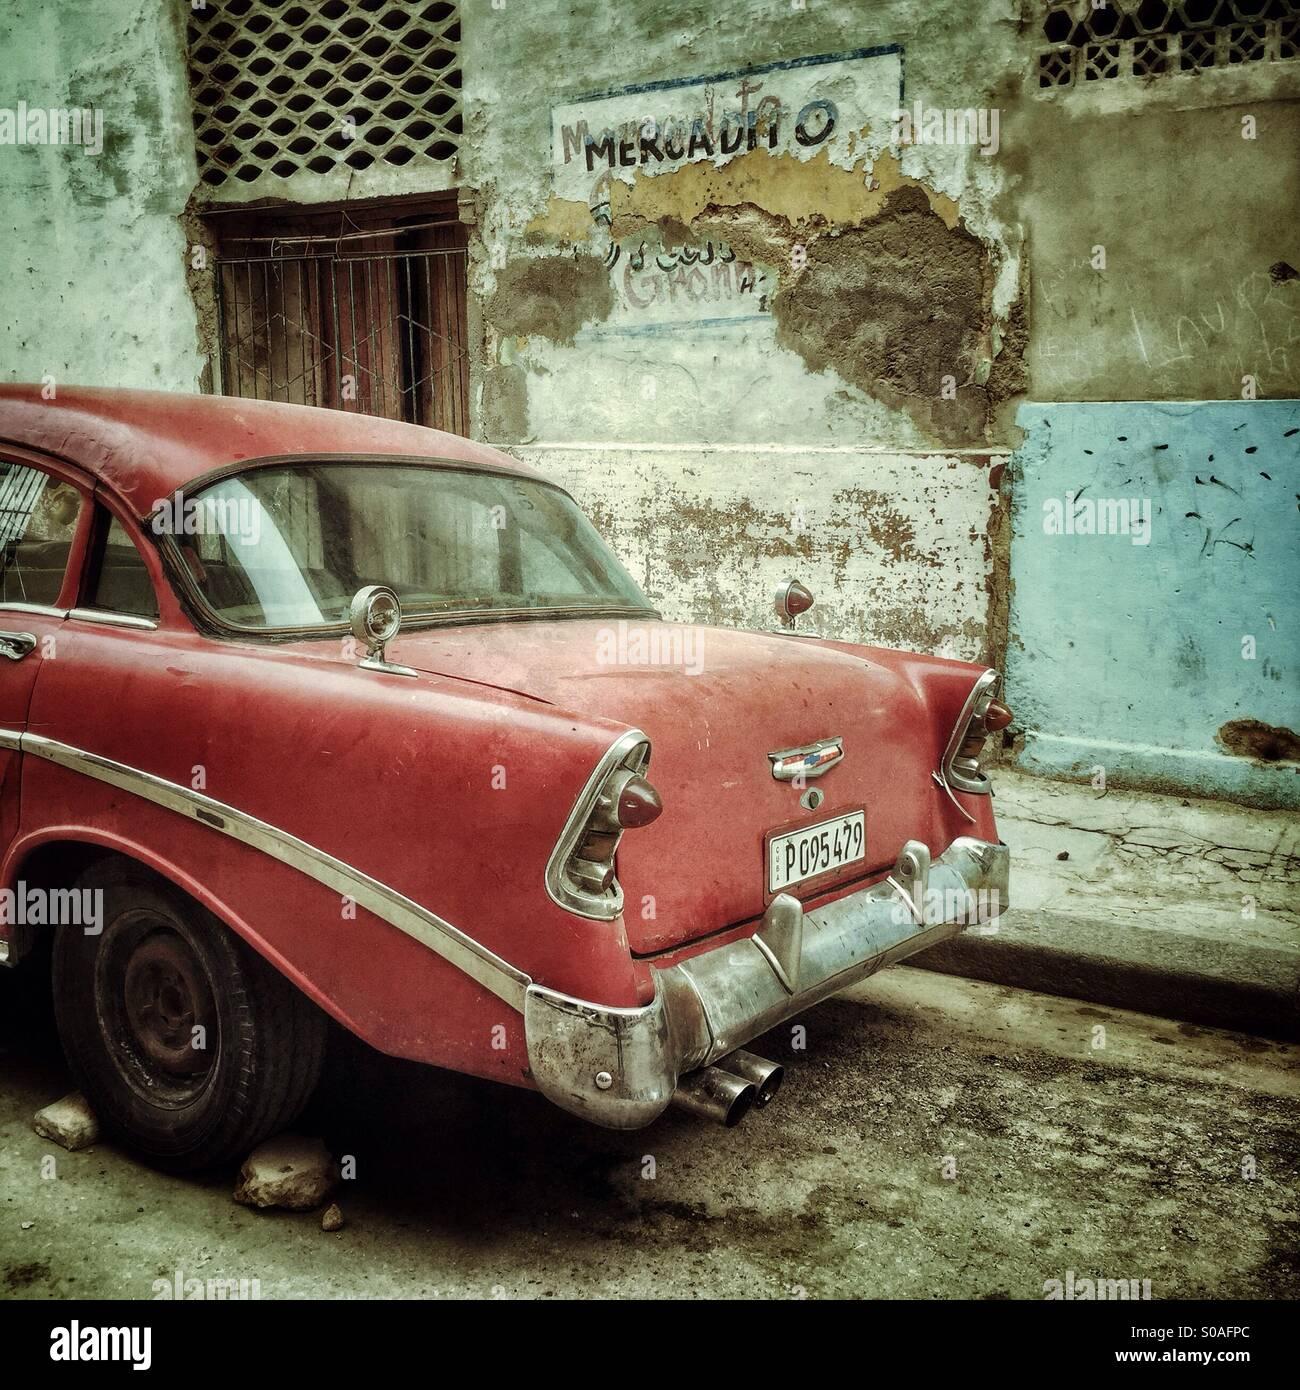 Vista trasera de un coche, Cubano vintage rojo estacionado por un peeling pintados en la pared exterior decadente. Imagen De Stock